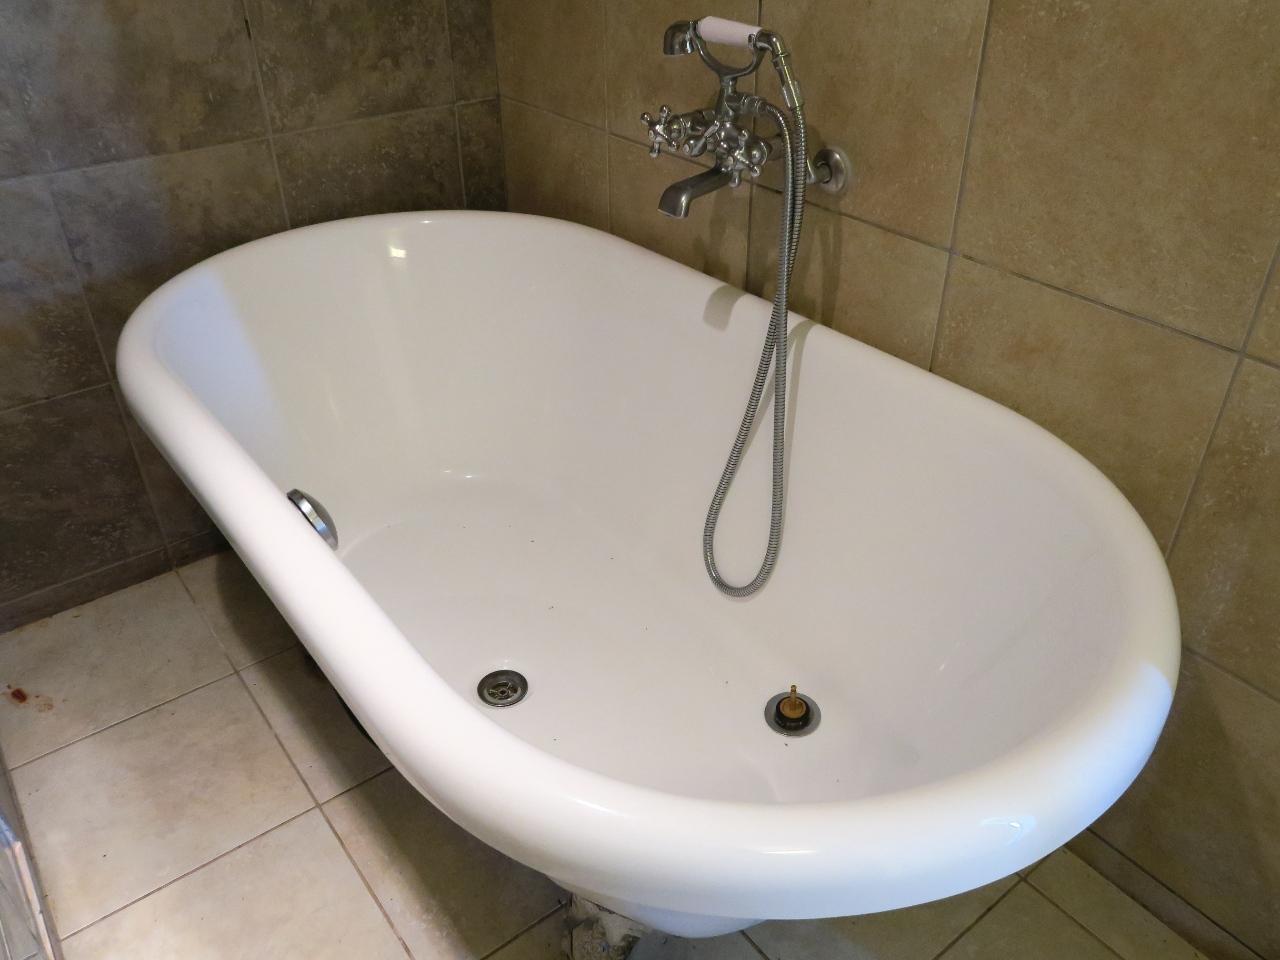 お風呂はばかでかい猫足バスタブ!これも嬉しい。